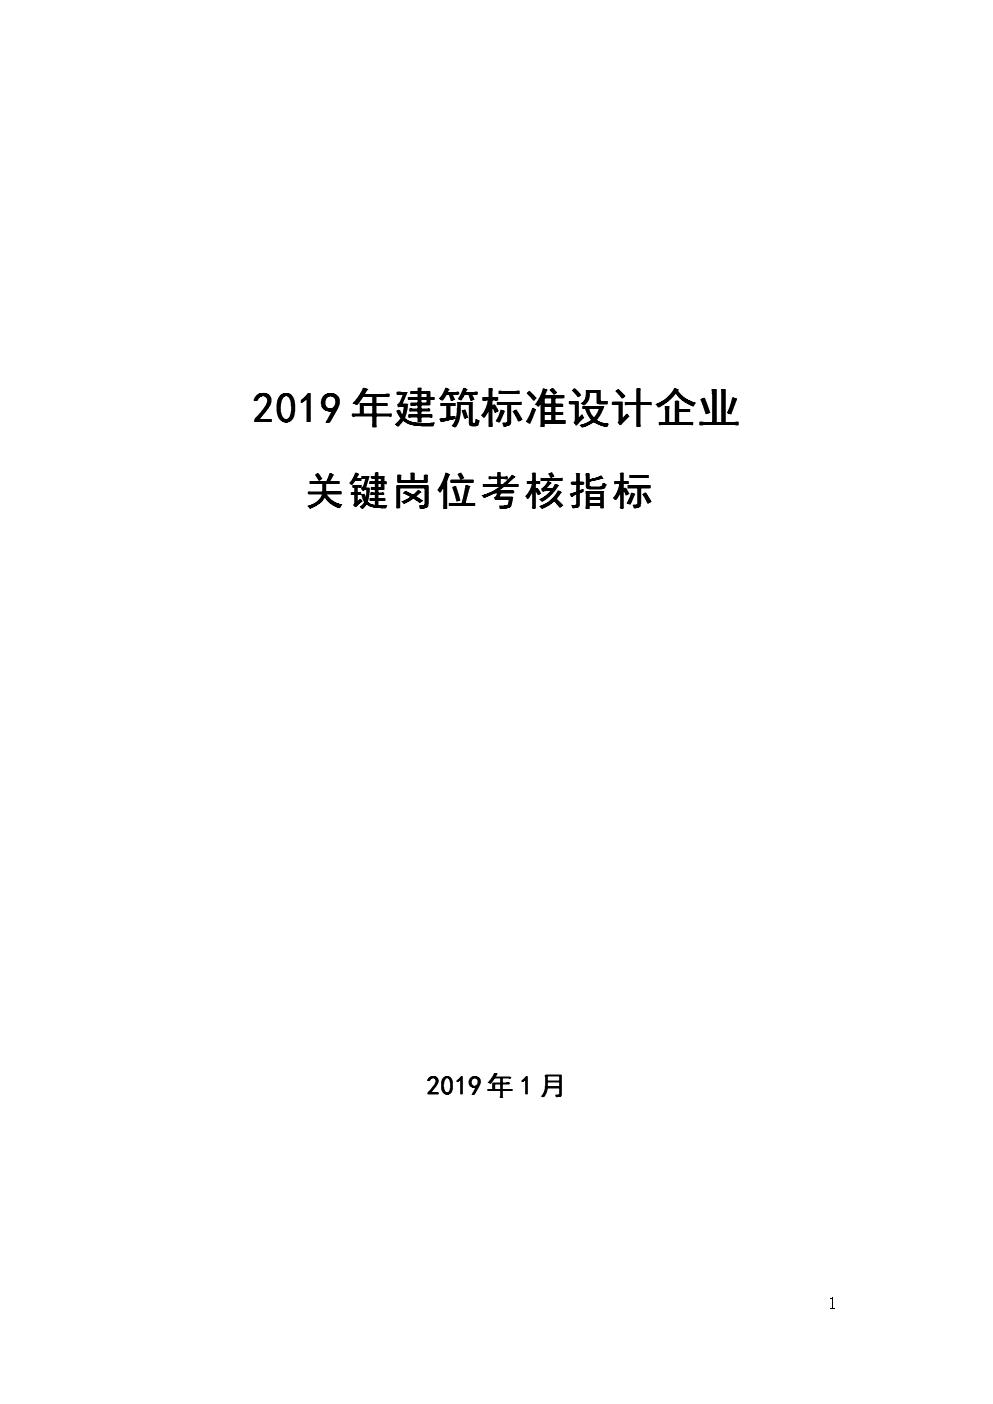 2019年建筑设计公司发行室关键岗位考核指标.doc